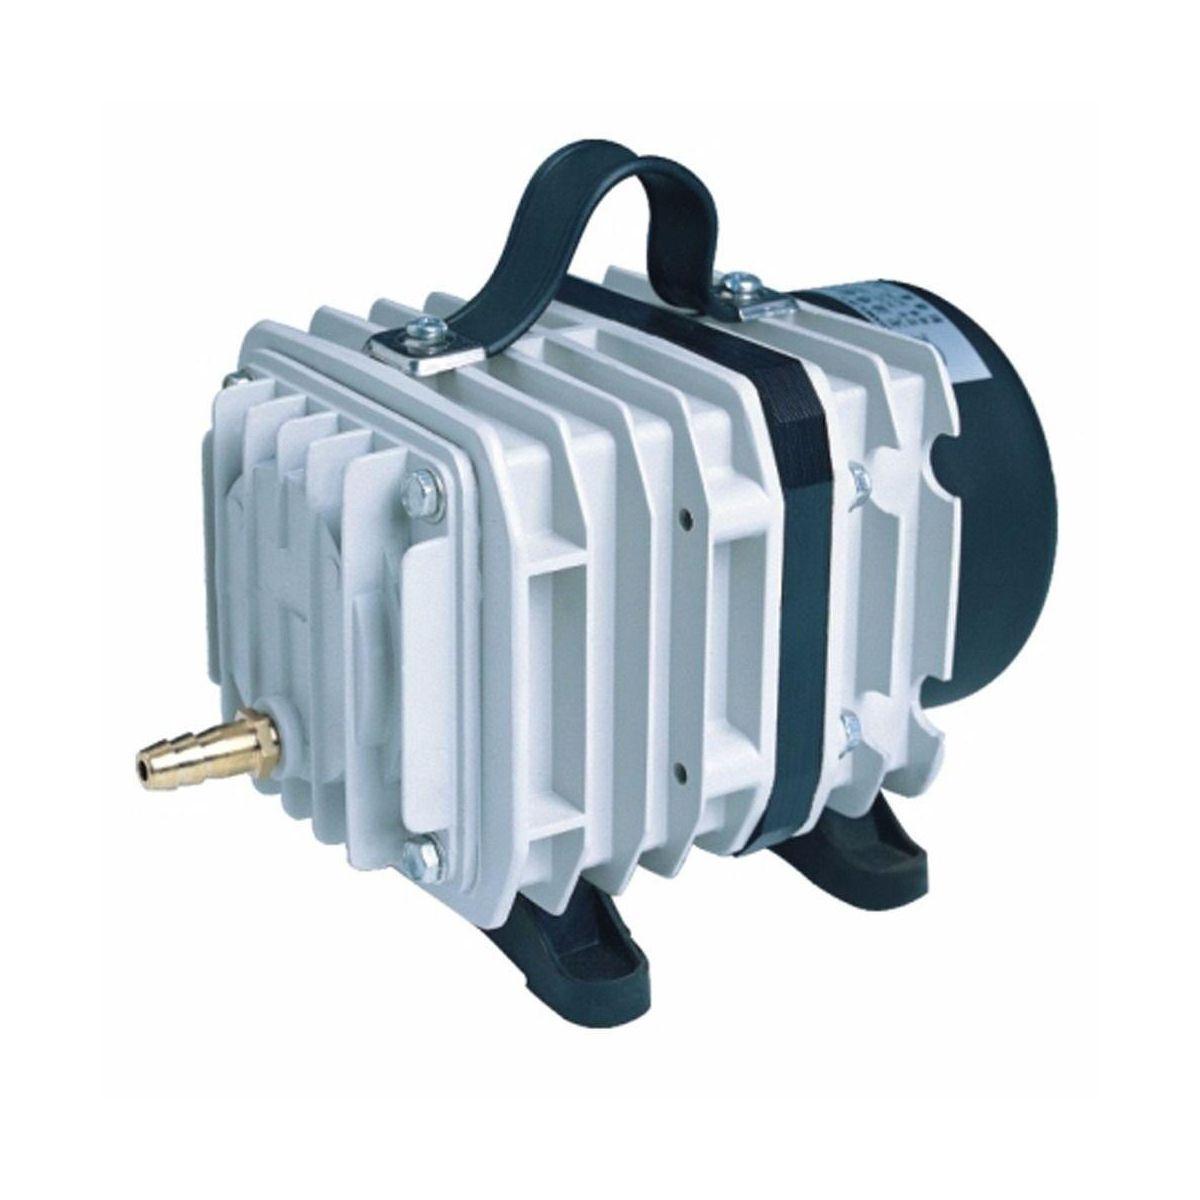 Compressor De Ar Boyu Elet/mag Acq-007 100lm 110v